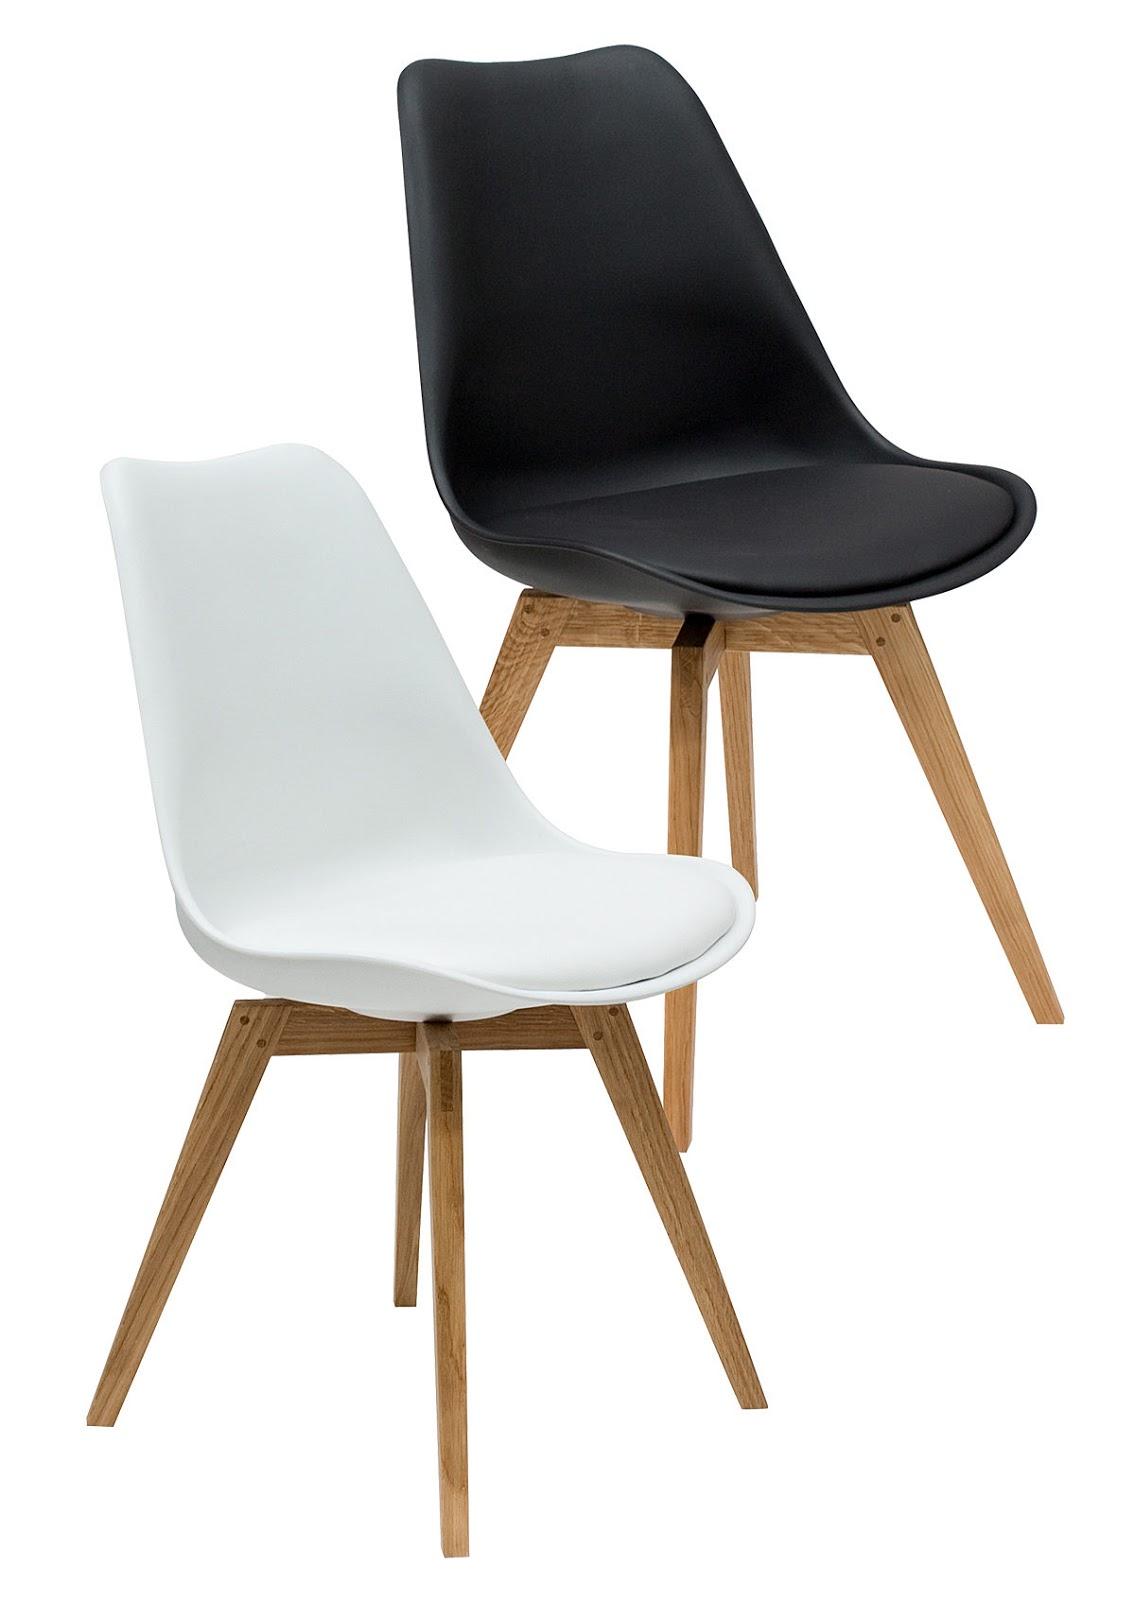 Mango Temptation Ruokapöydän uudet tuolit